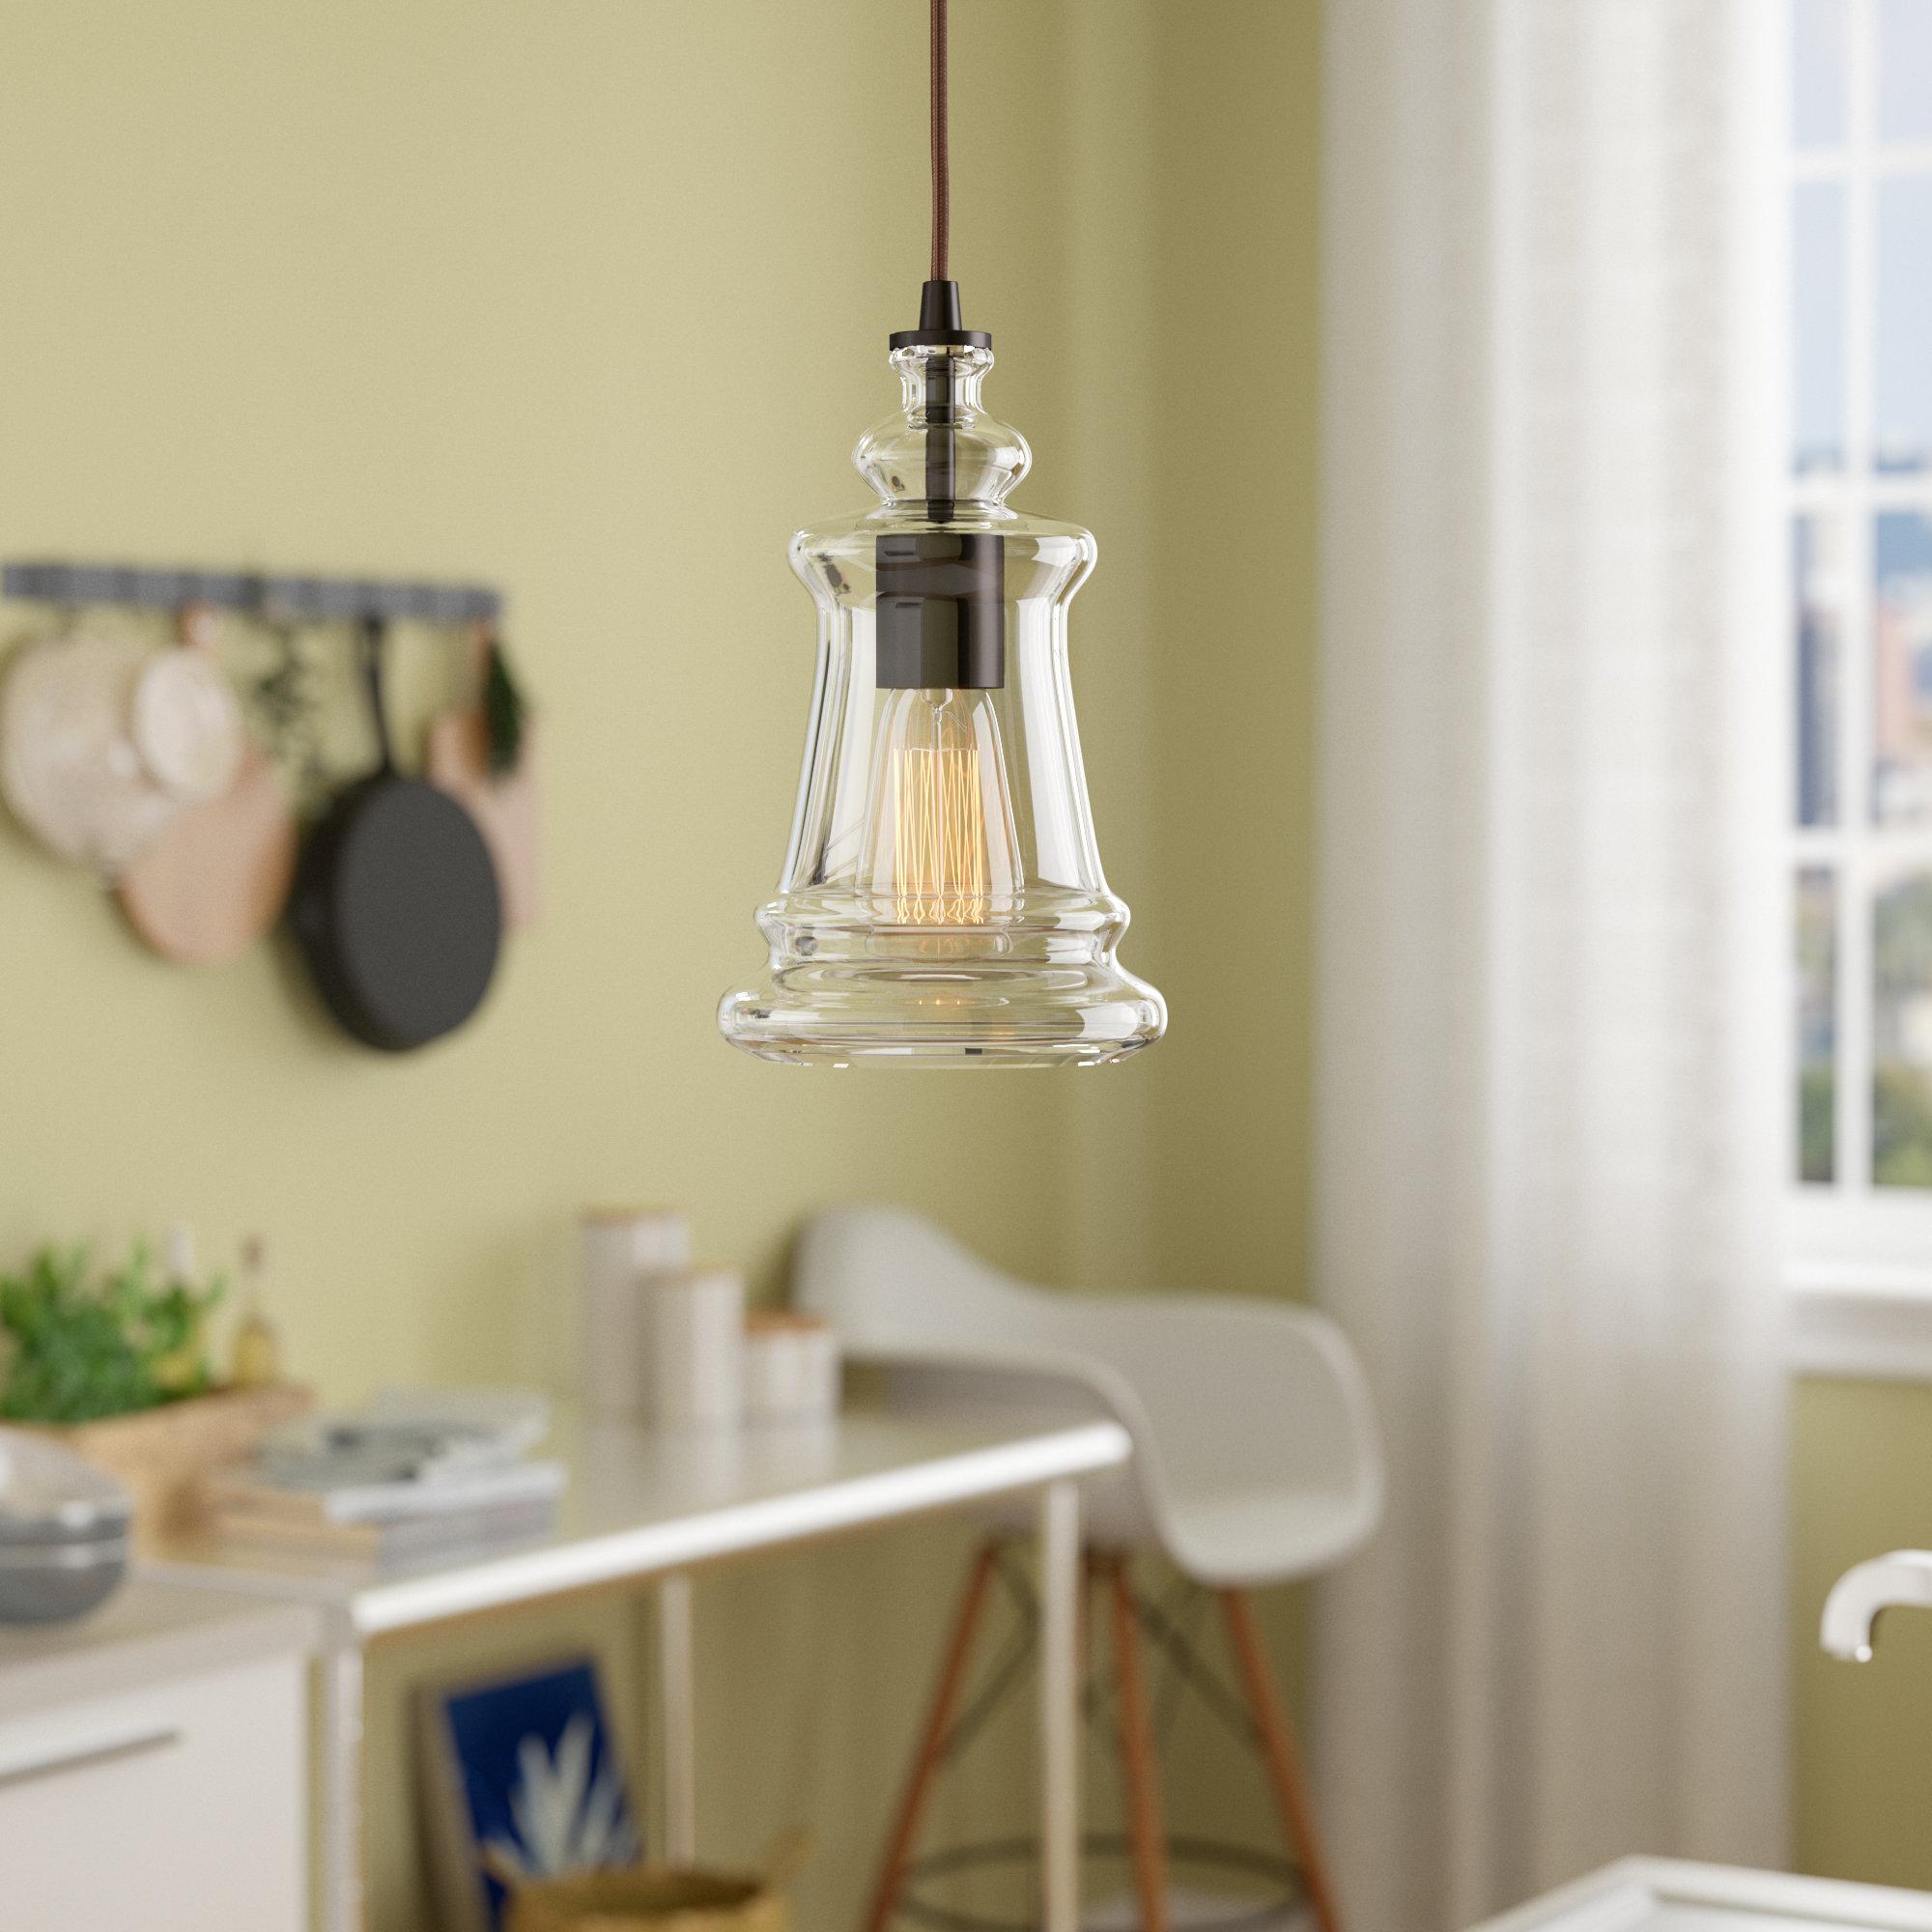 Sorensen 1 Light Single Bell Pendant With Akakios 1 Light Single Bell Pendants (Image 27 of 30)